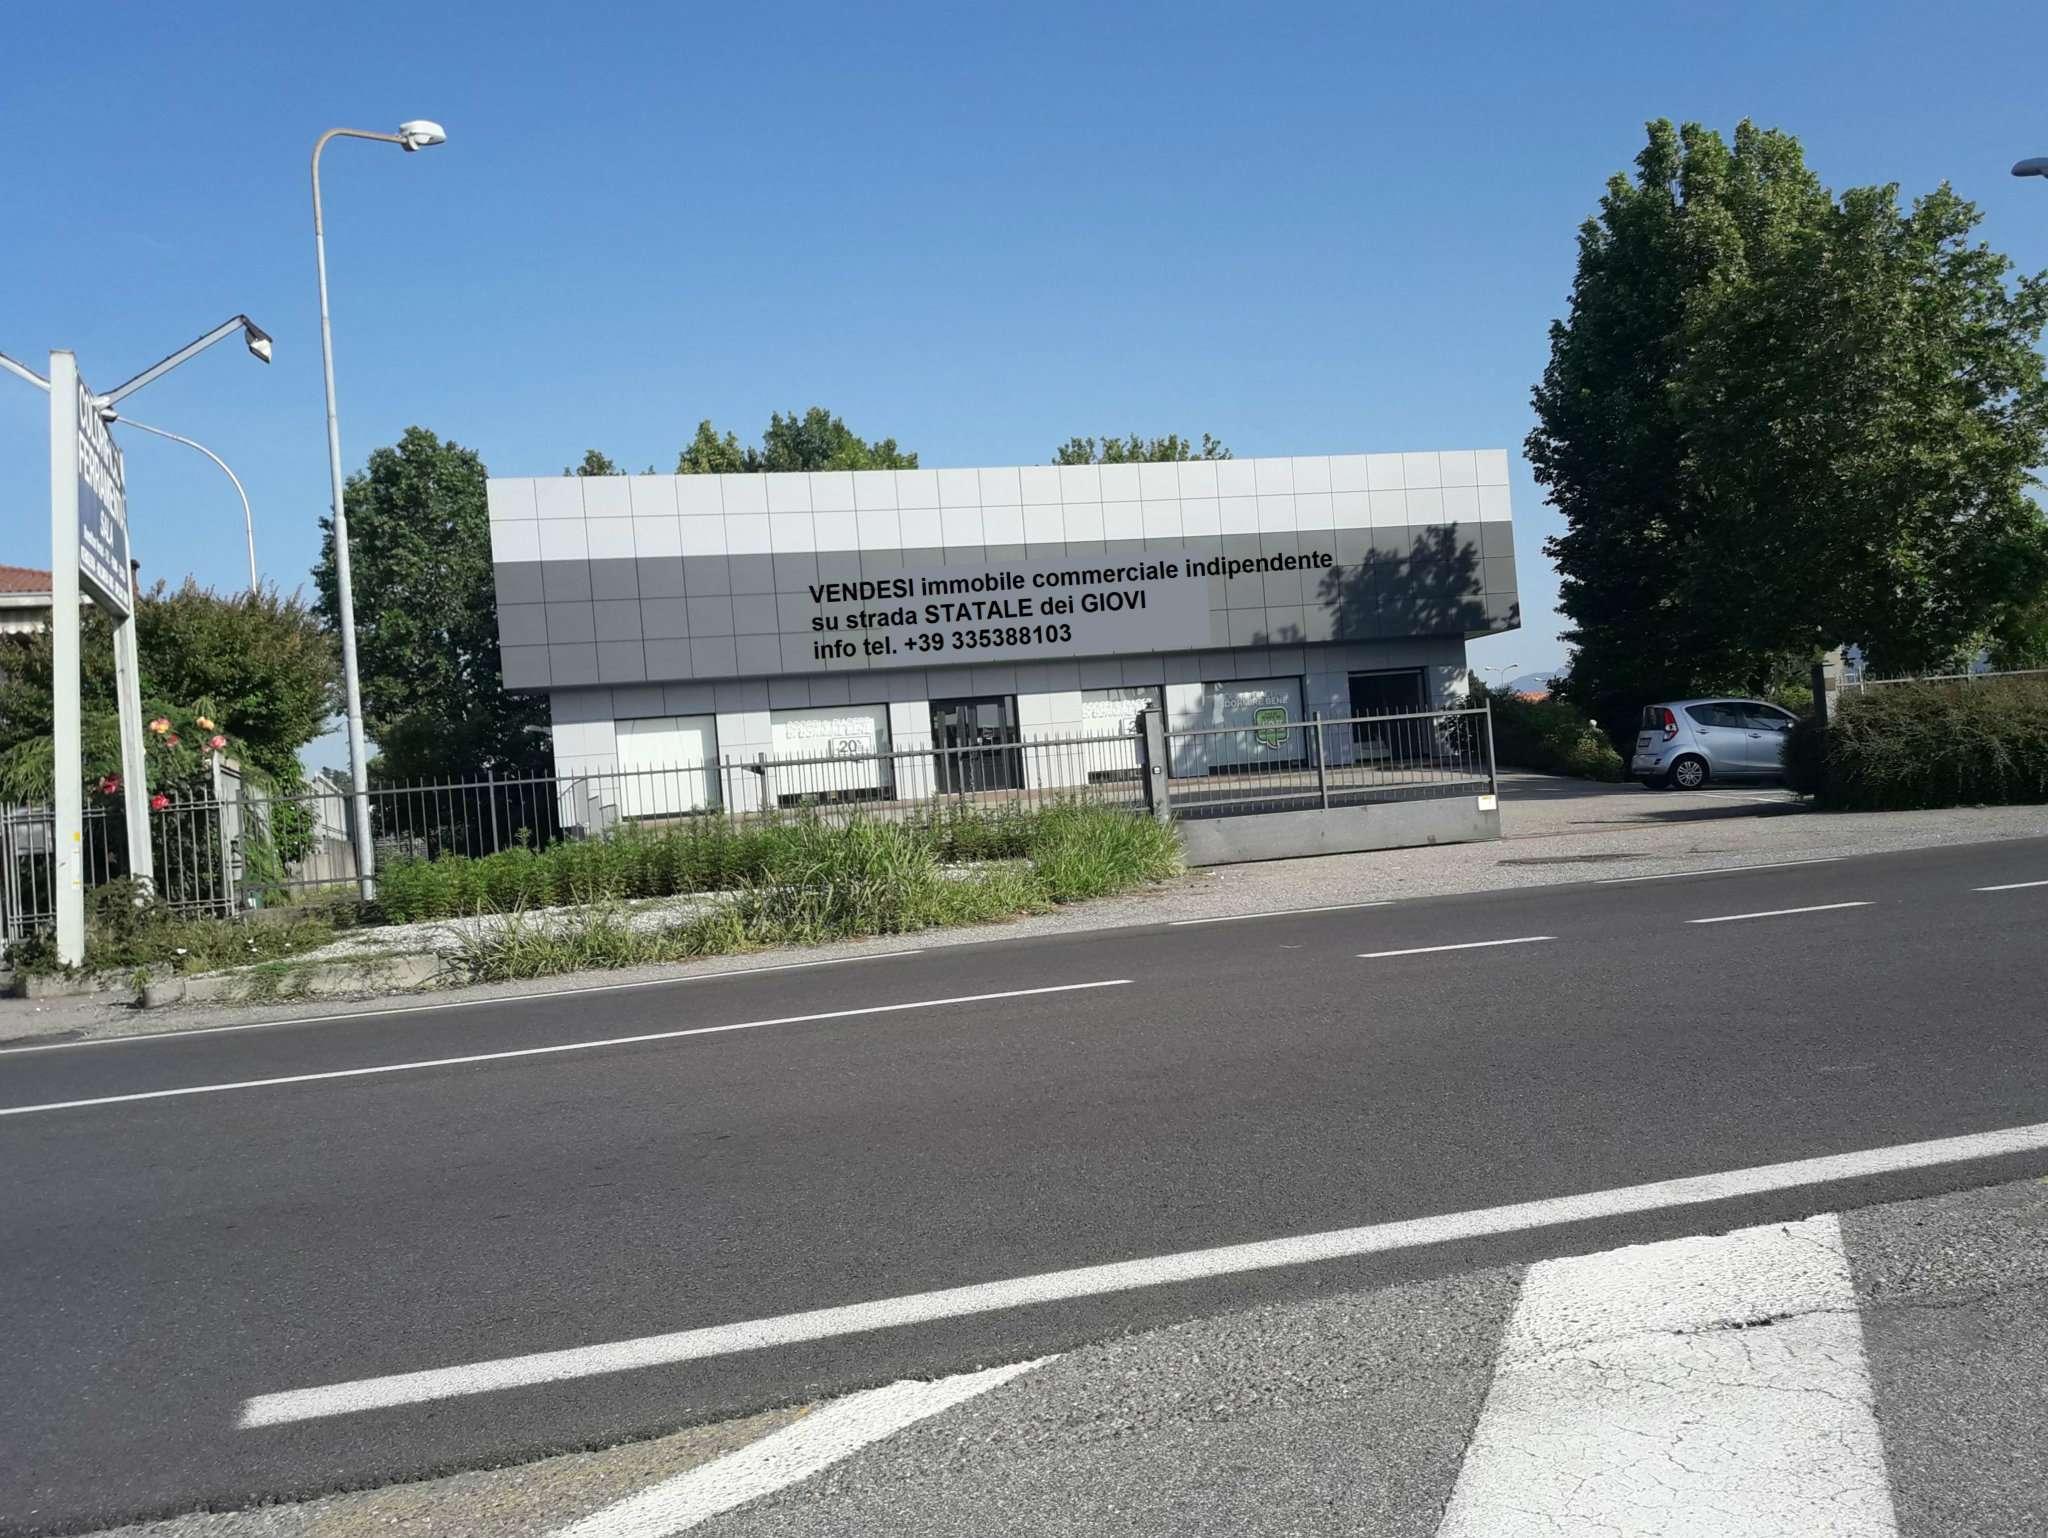 Negozio / Locale in vendita a Como, 8 locali, zona Zona: 7 . Breccia - Camerlata - Rebbio, prezzo € 1.190.000 | CambioCasa.it